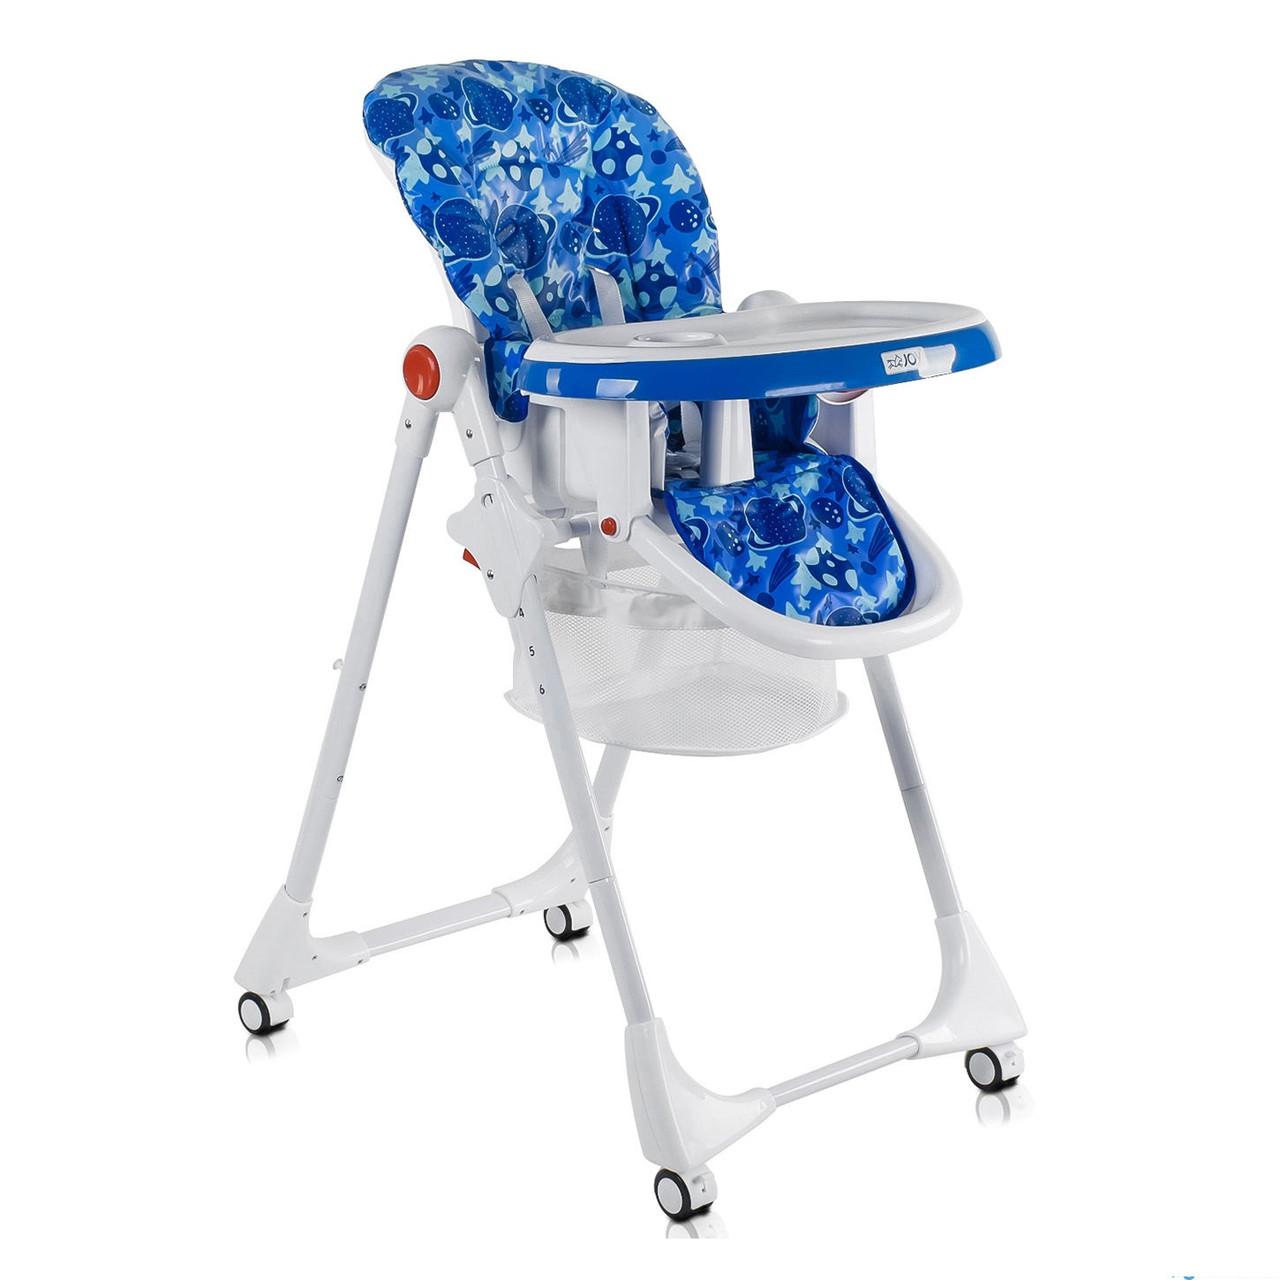 Детский стульчик для кормления JOY К-22810 Космос бело-синий